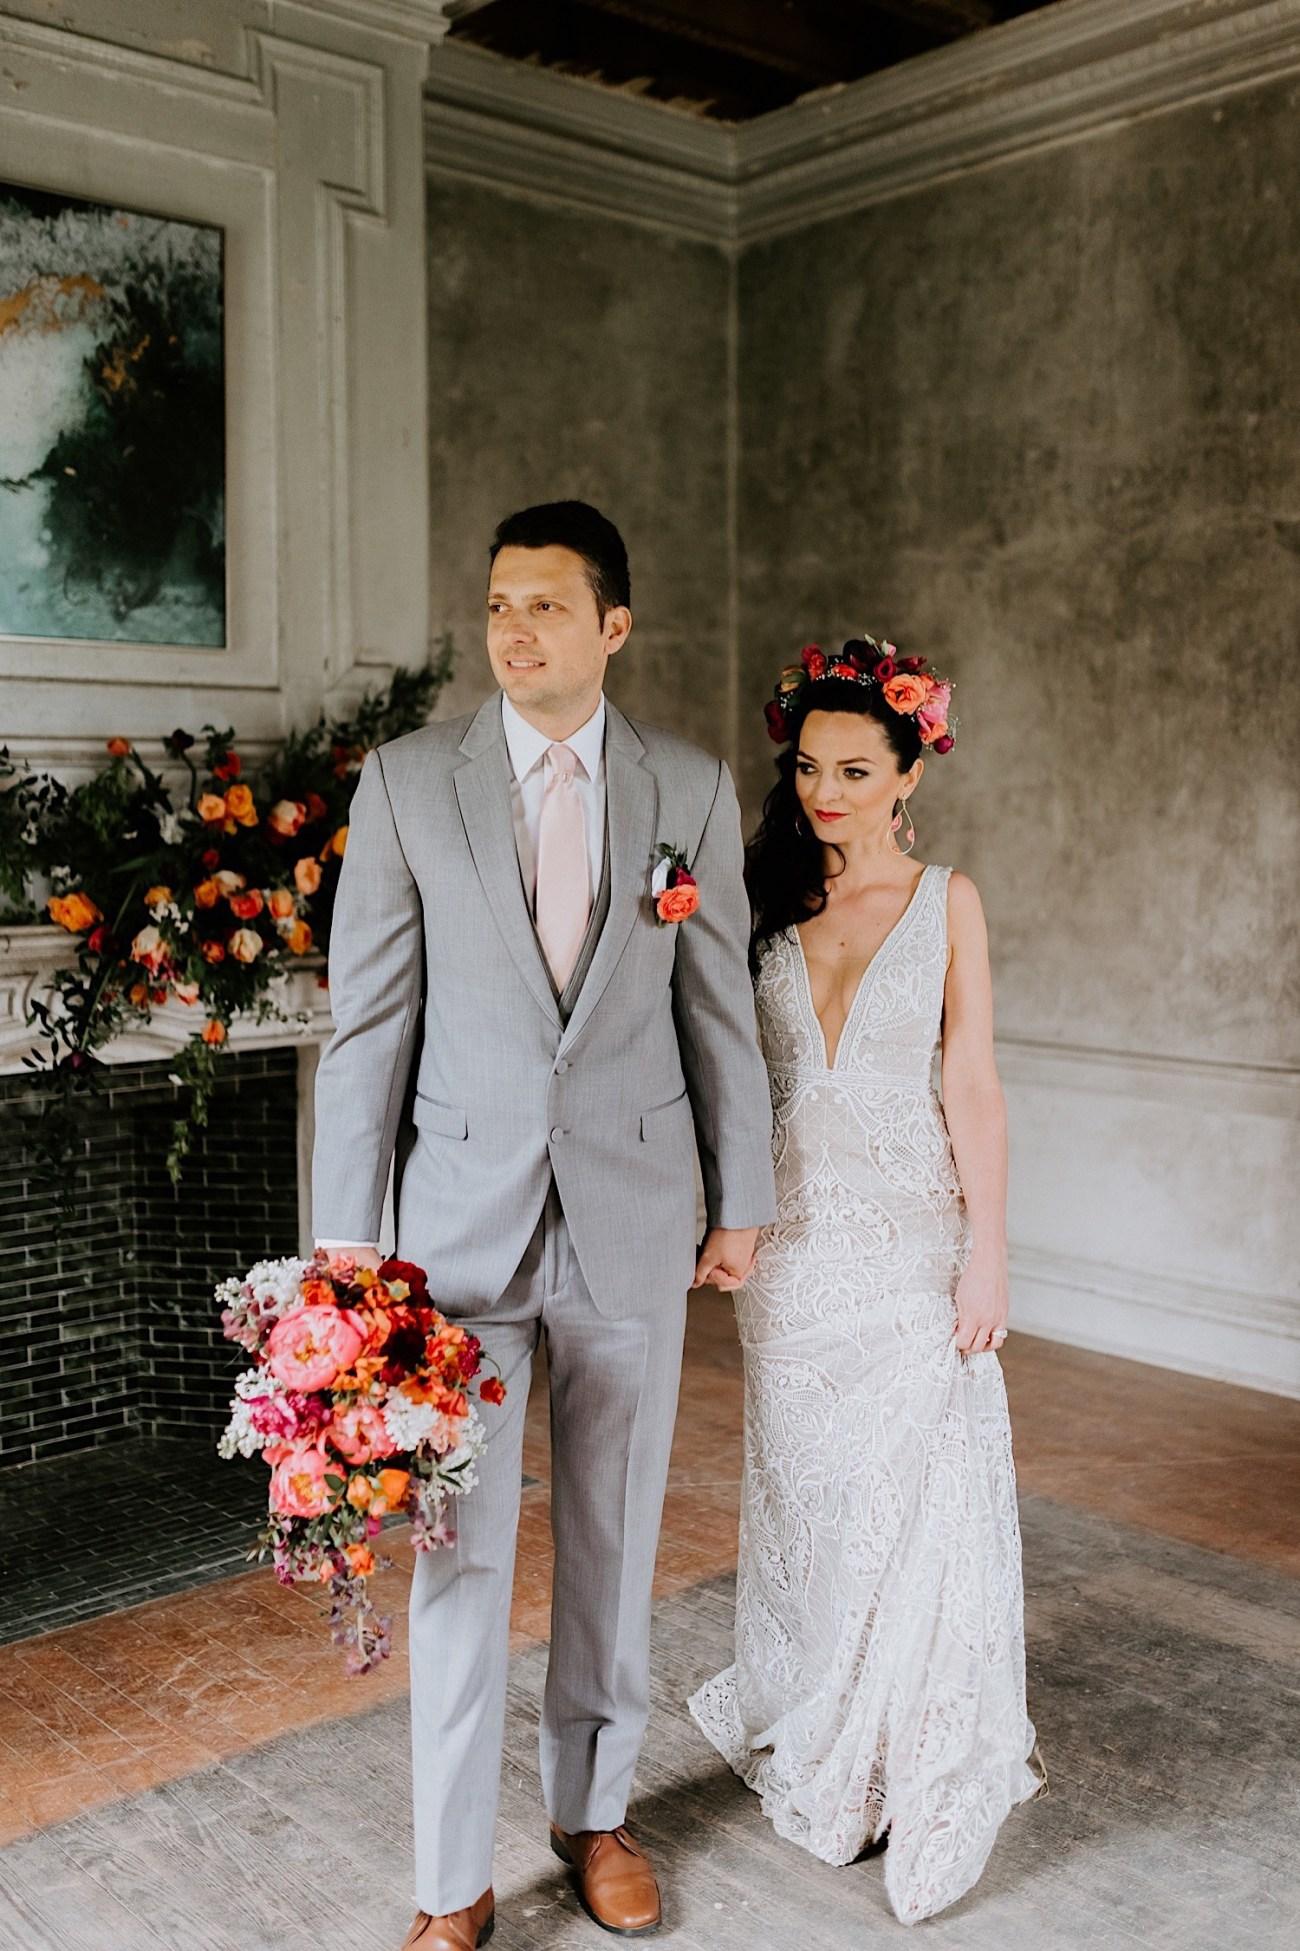 Barnsley Manor Wedding Philadelphia Wedding Photographer Hacienda Wedding Inspiration 41